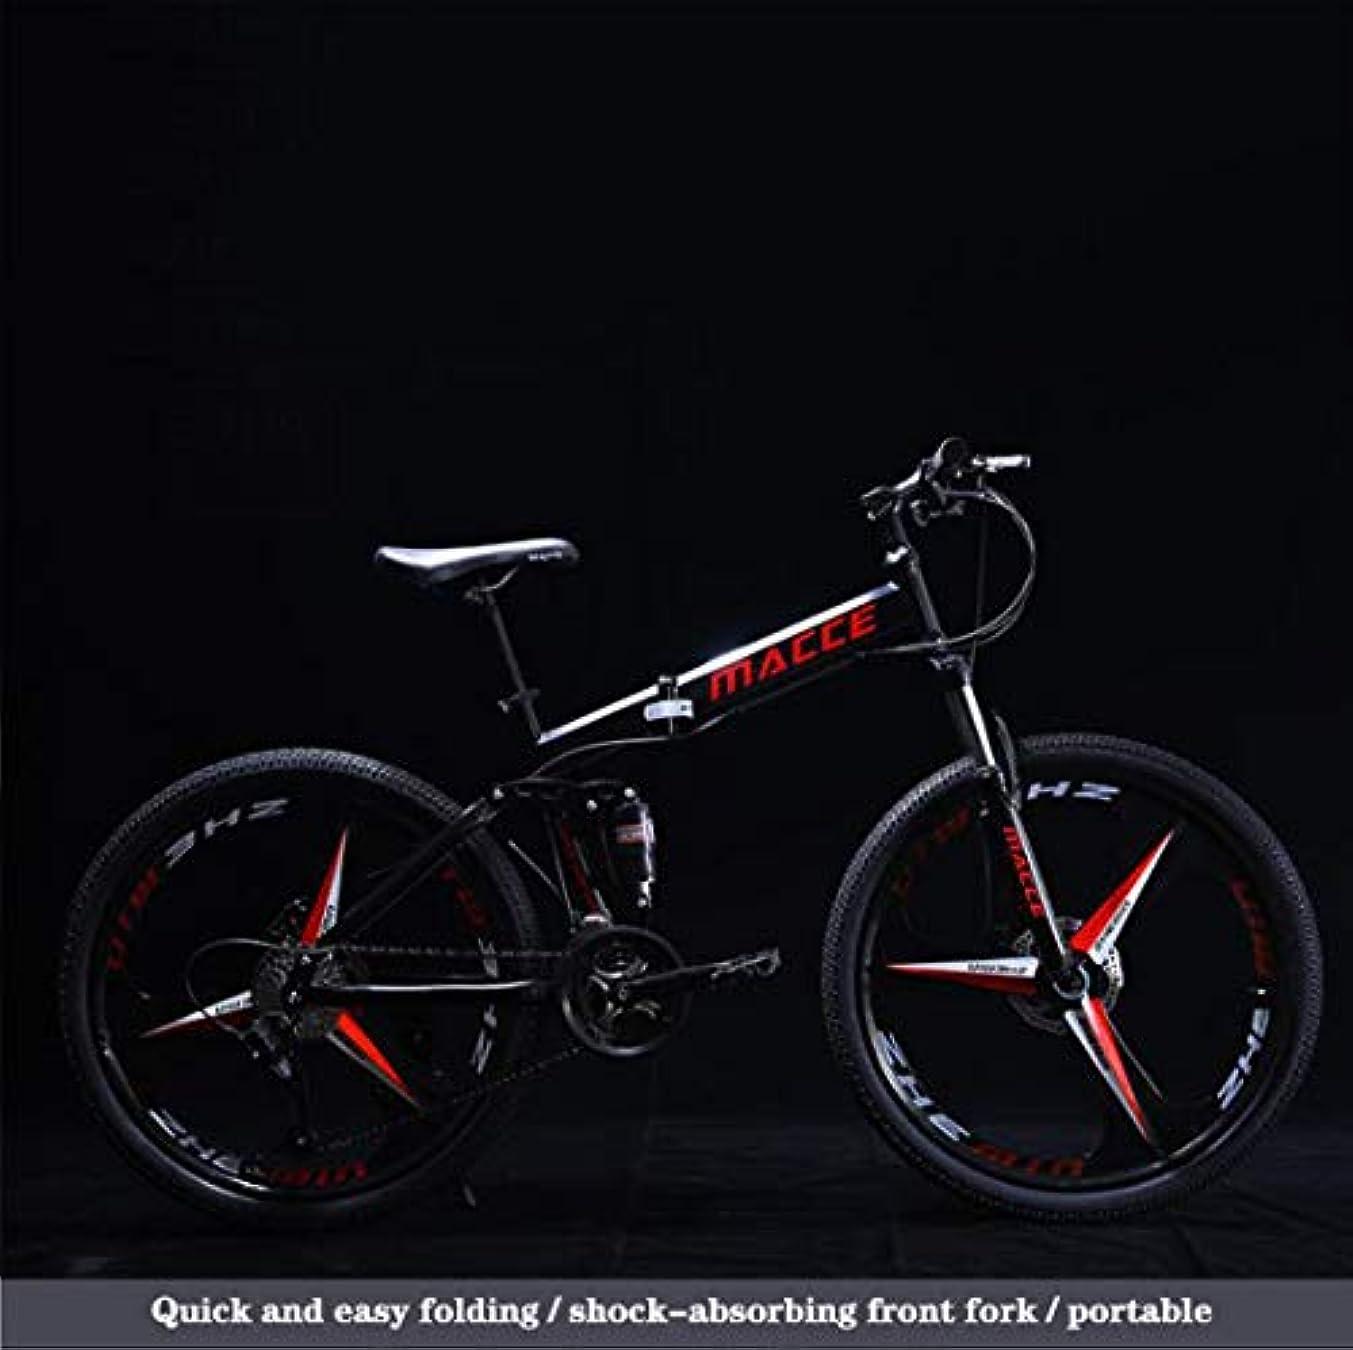 追跡厚さ否定するマウンテンバイク、大人の男性と女性、高炭素鋼デュアルサスペンションフレーム、PVCペダルとラバーグリップのための折りたたみマウンテンバイク自転車,D1,21